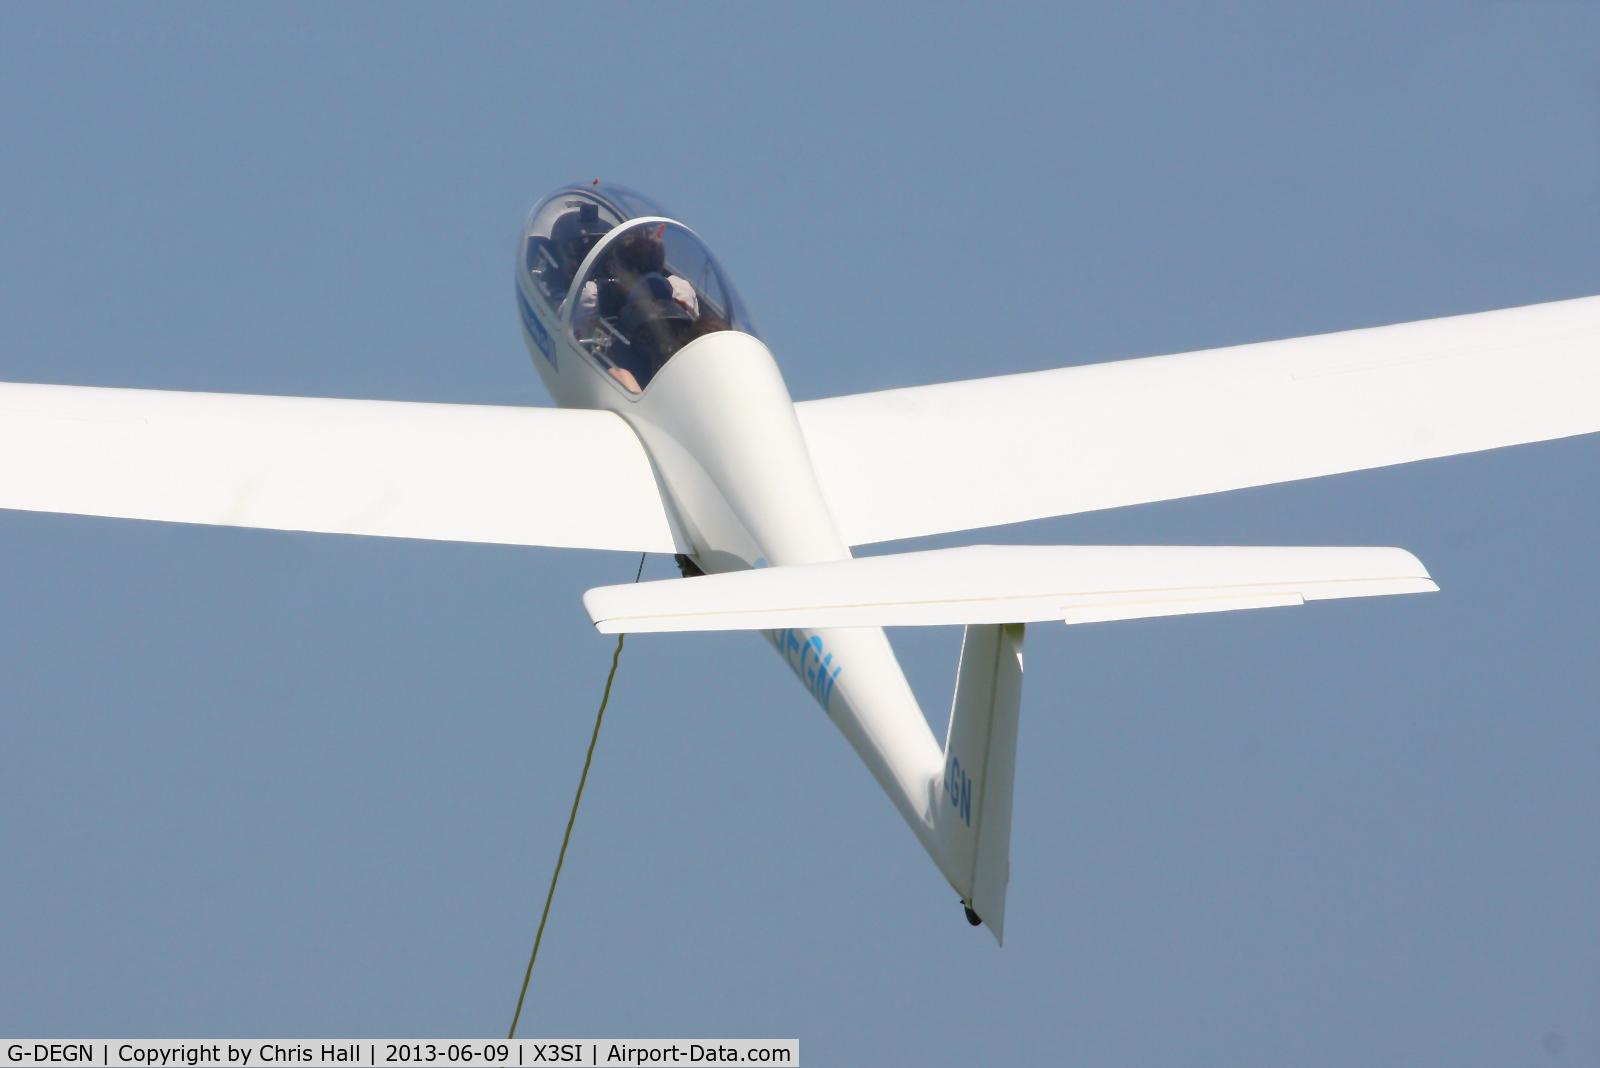 G-DEGN, 1980 Grob G-103 Twin Astir II C/N 3542, Staffordshire Gliding Club, Seighford Airfield